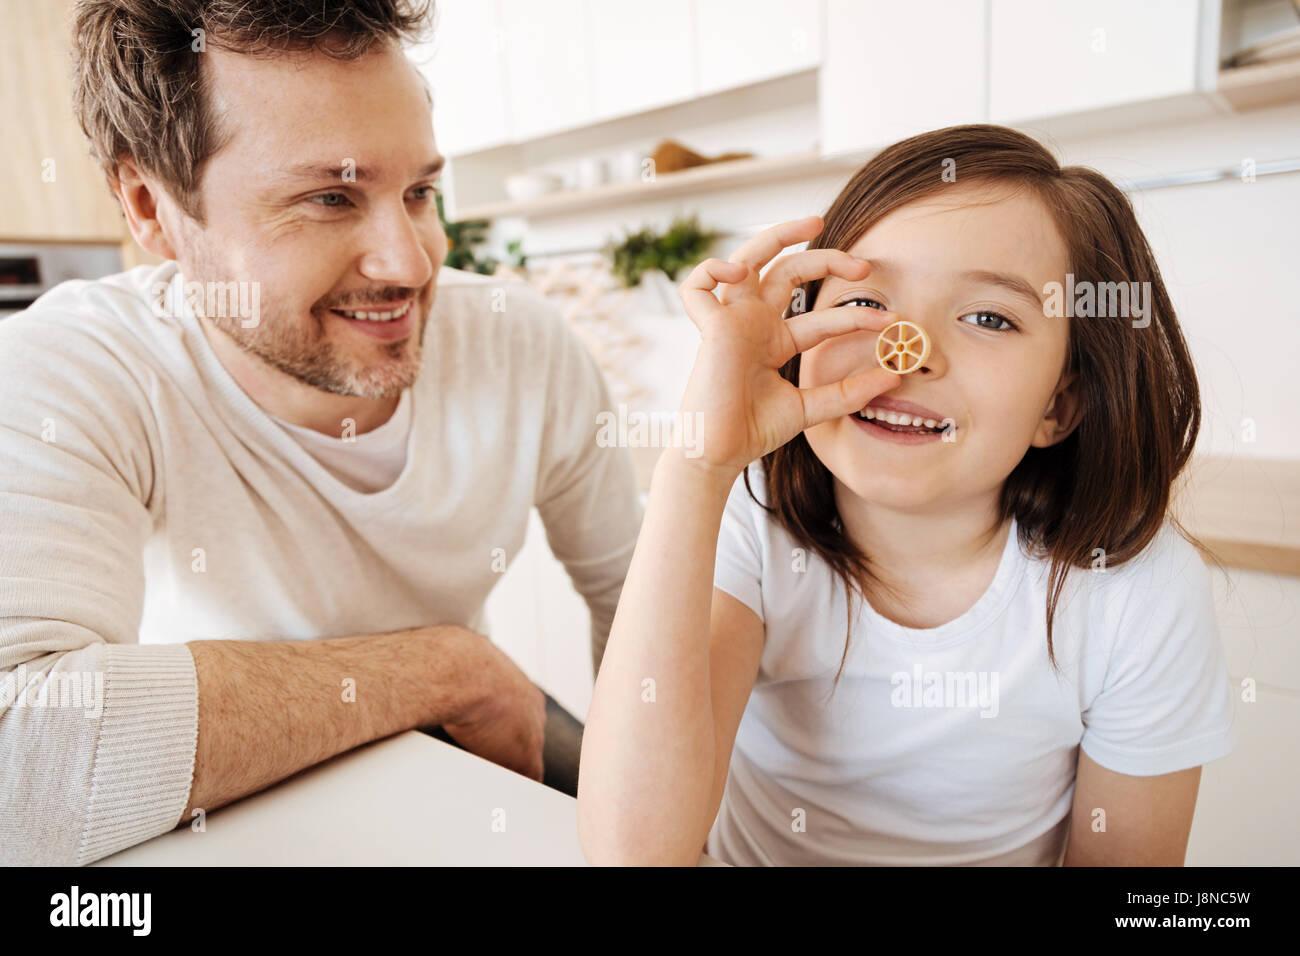 Travesuras. Linda chica alegre goofing alrededor presionando un trozo de pasta de rueda de vagón a su nariz Imagen De Stock